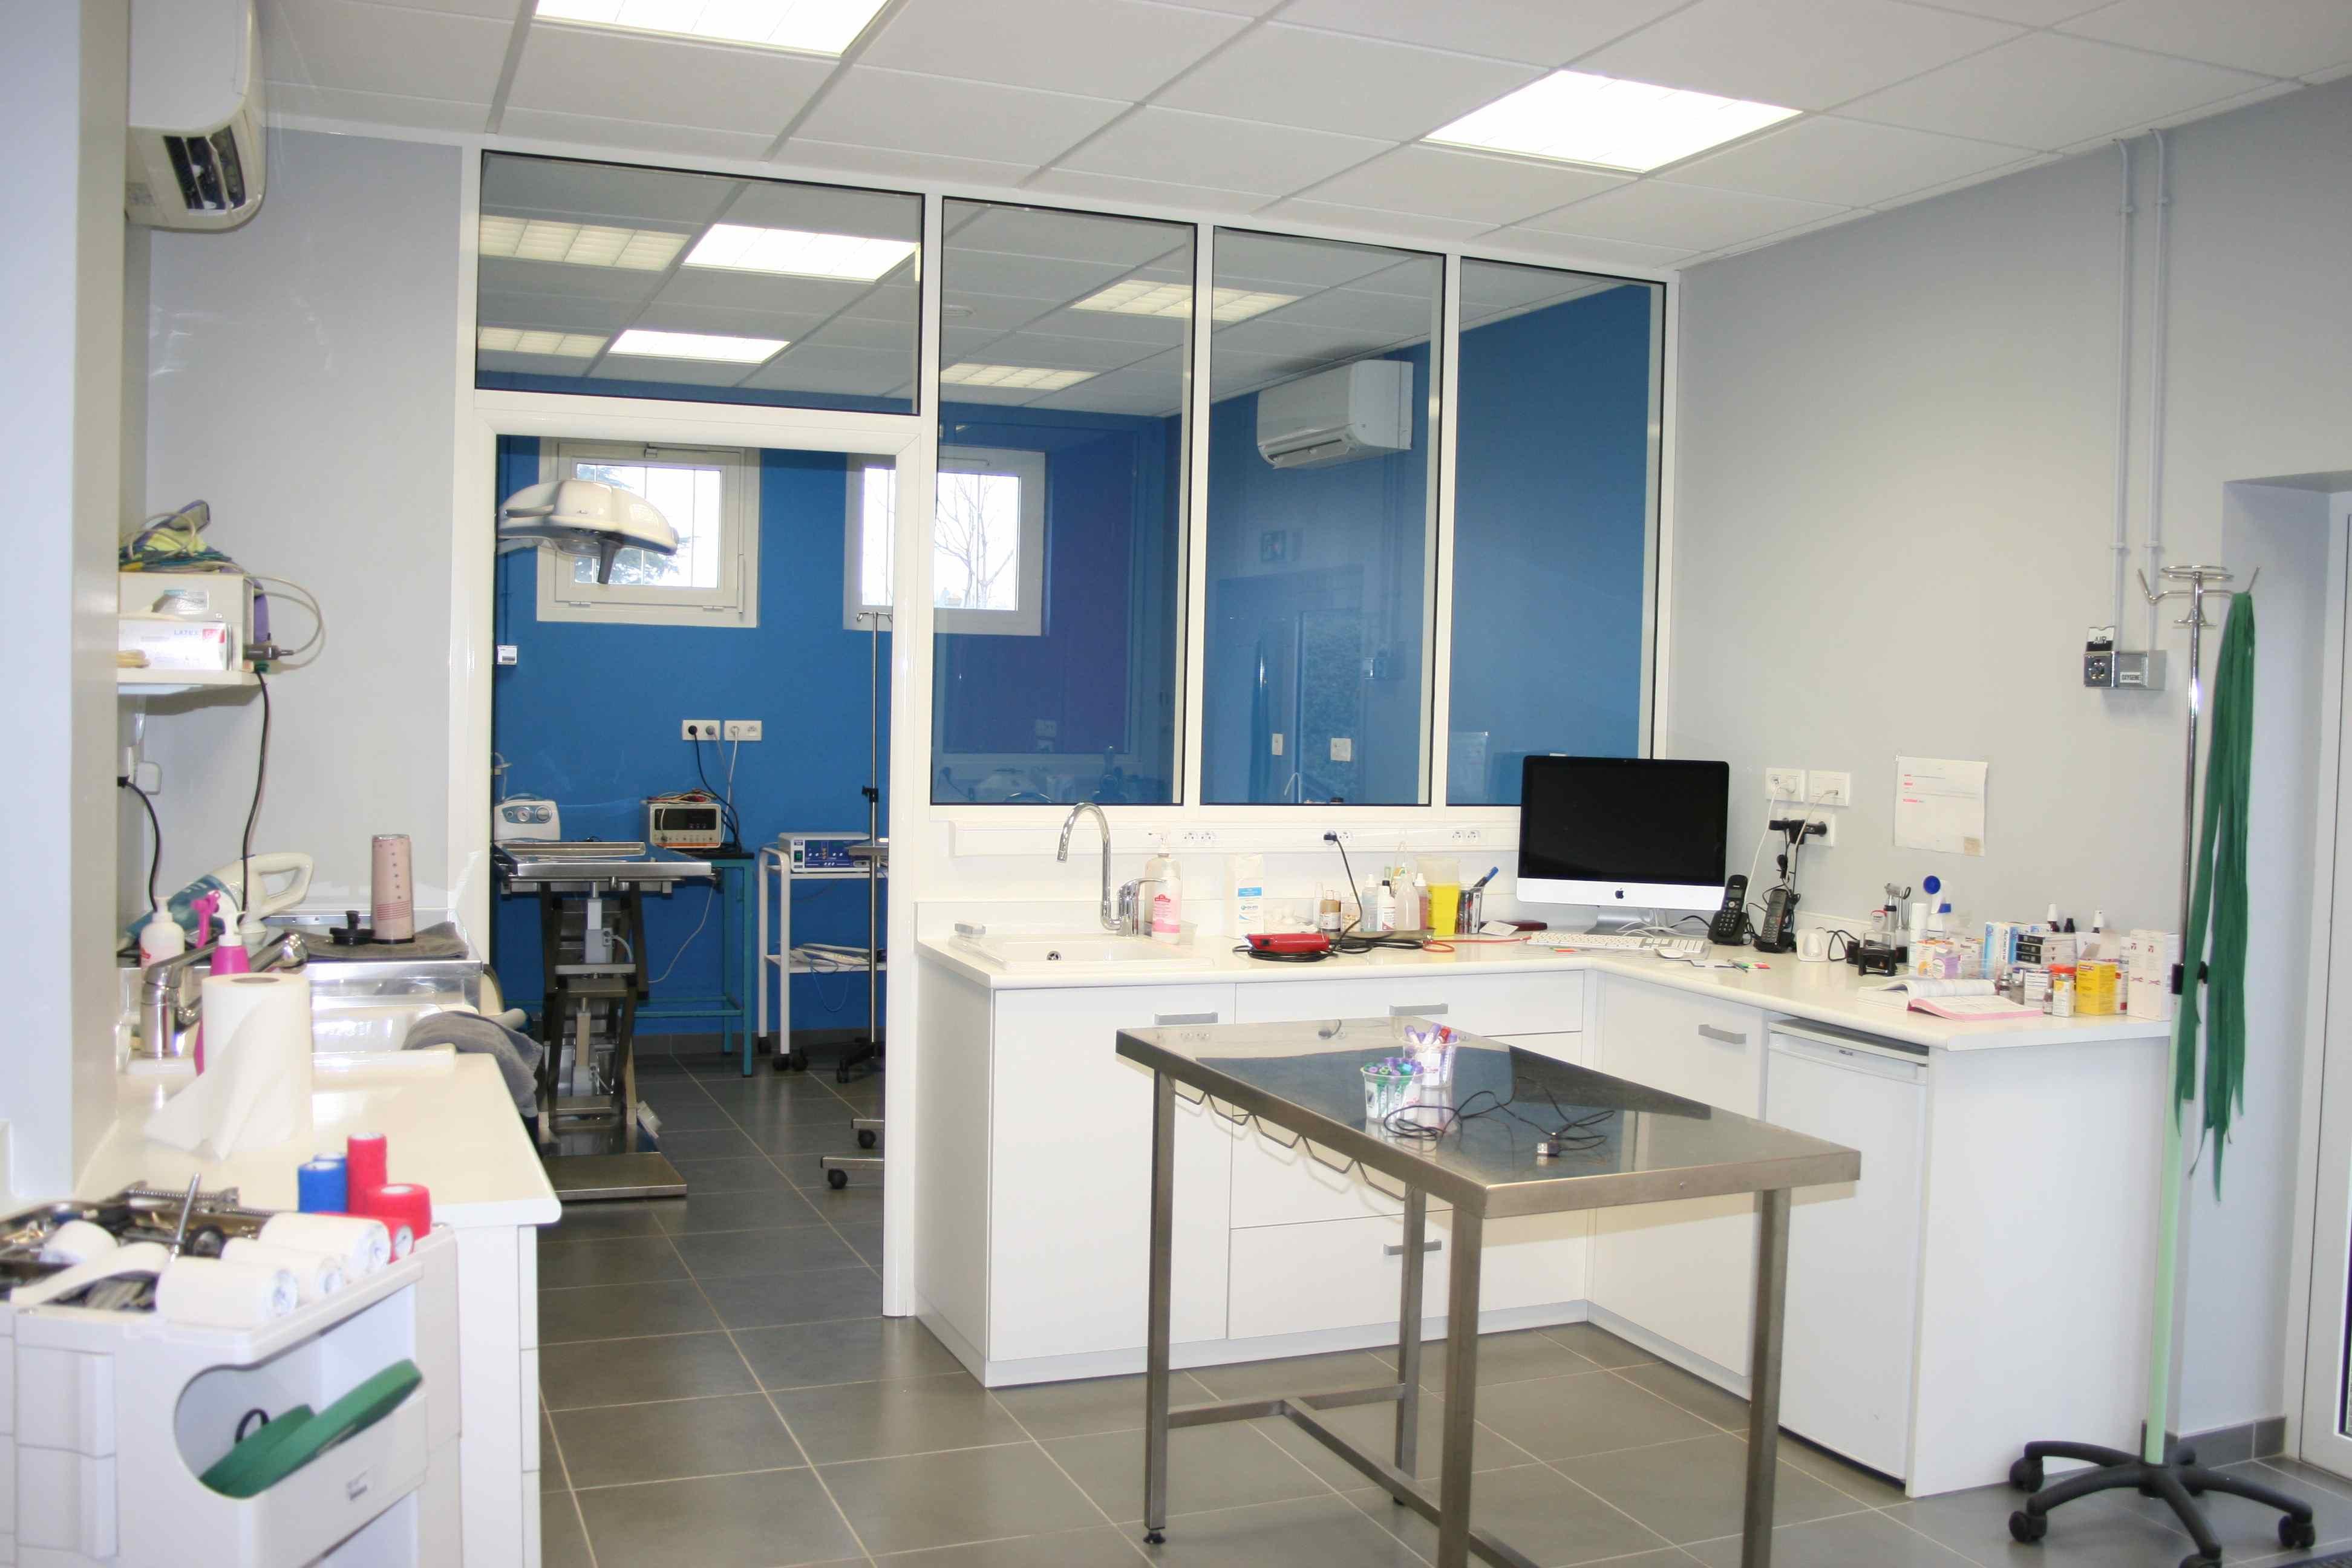 Clinique de montrichard Salle de soins